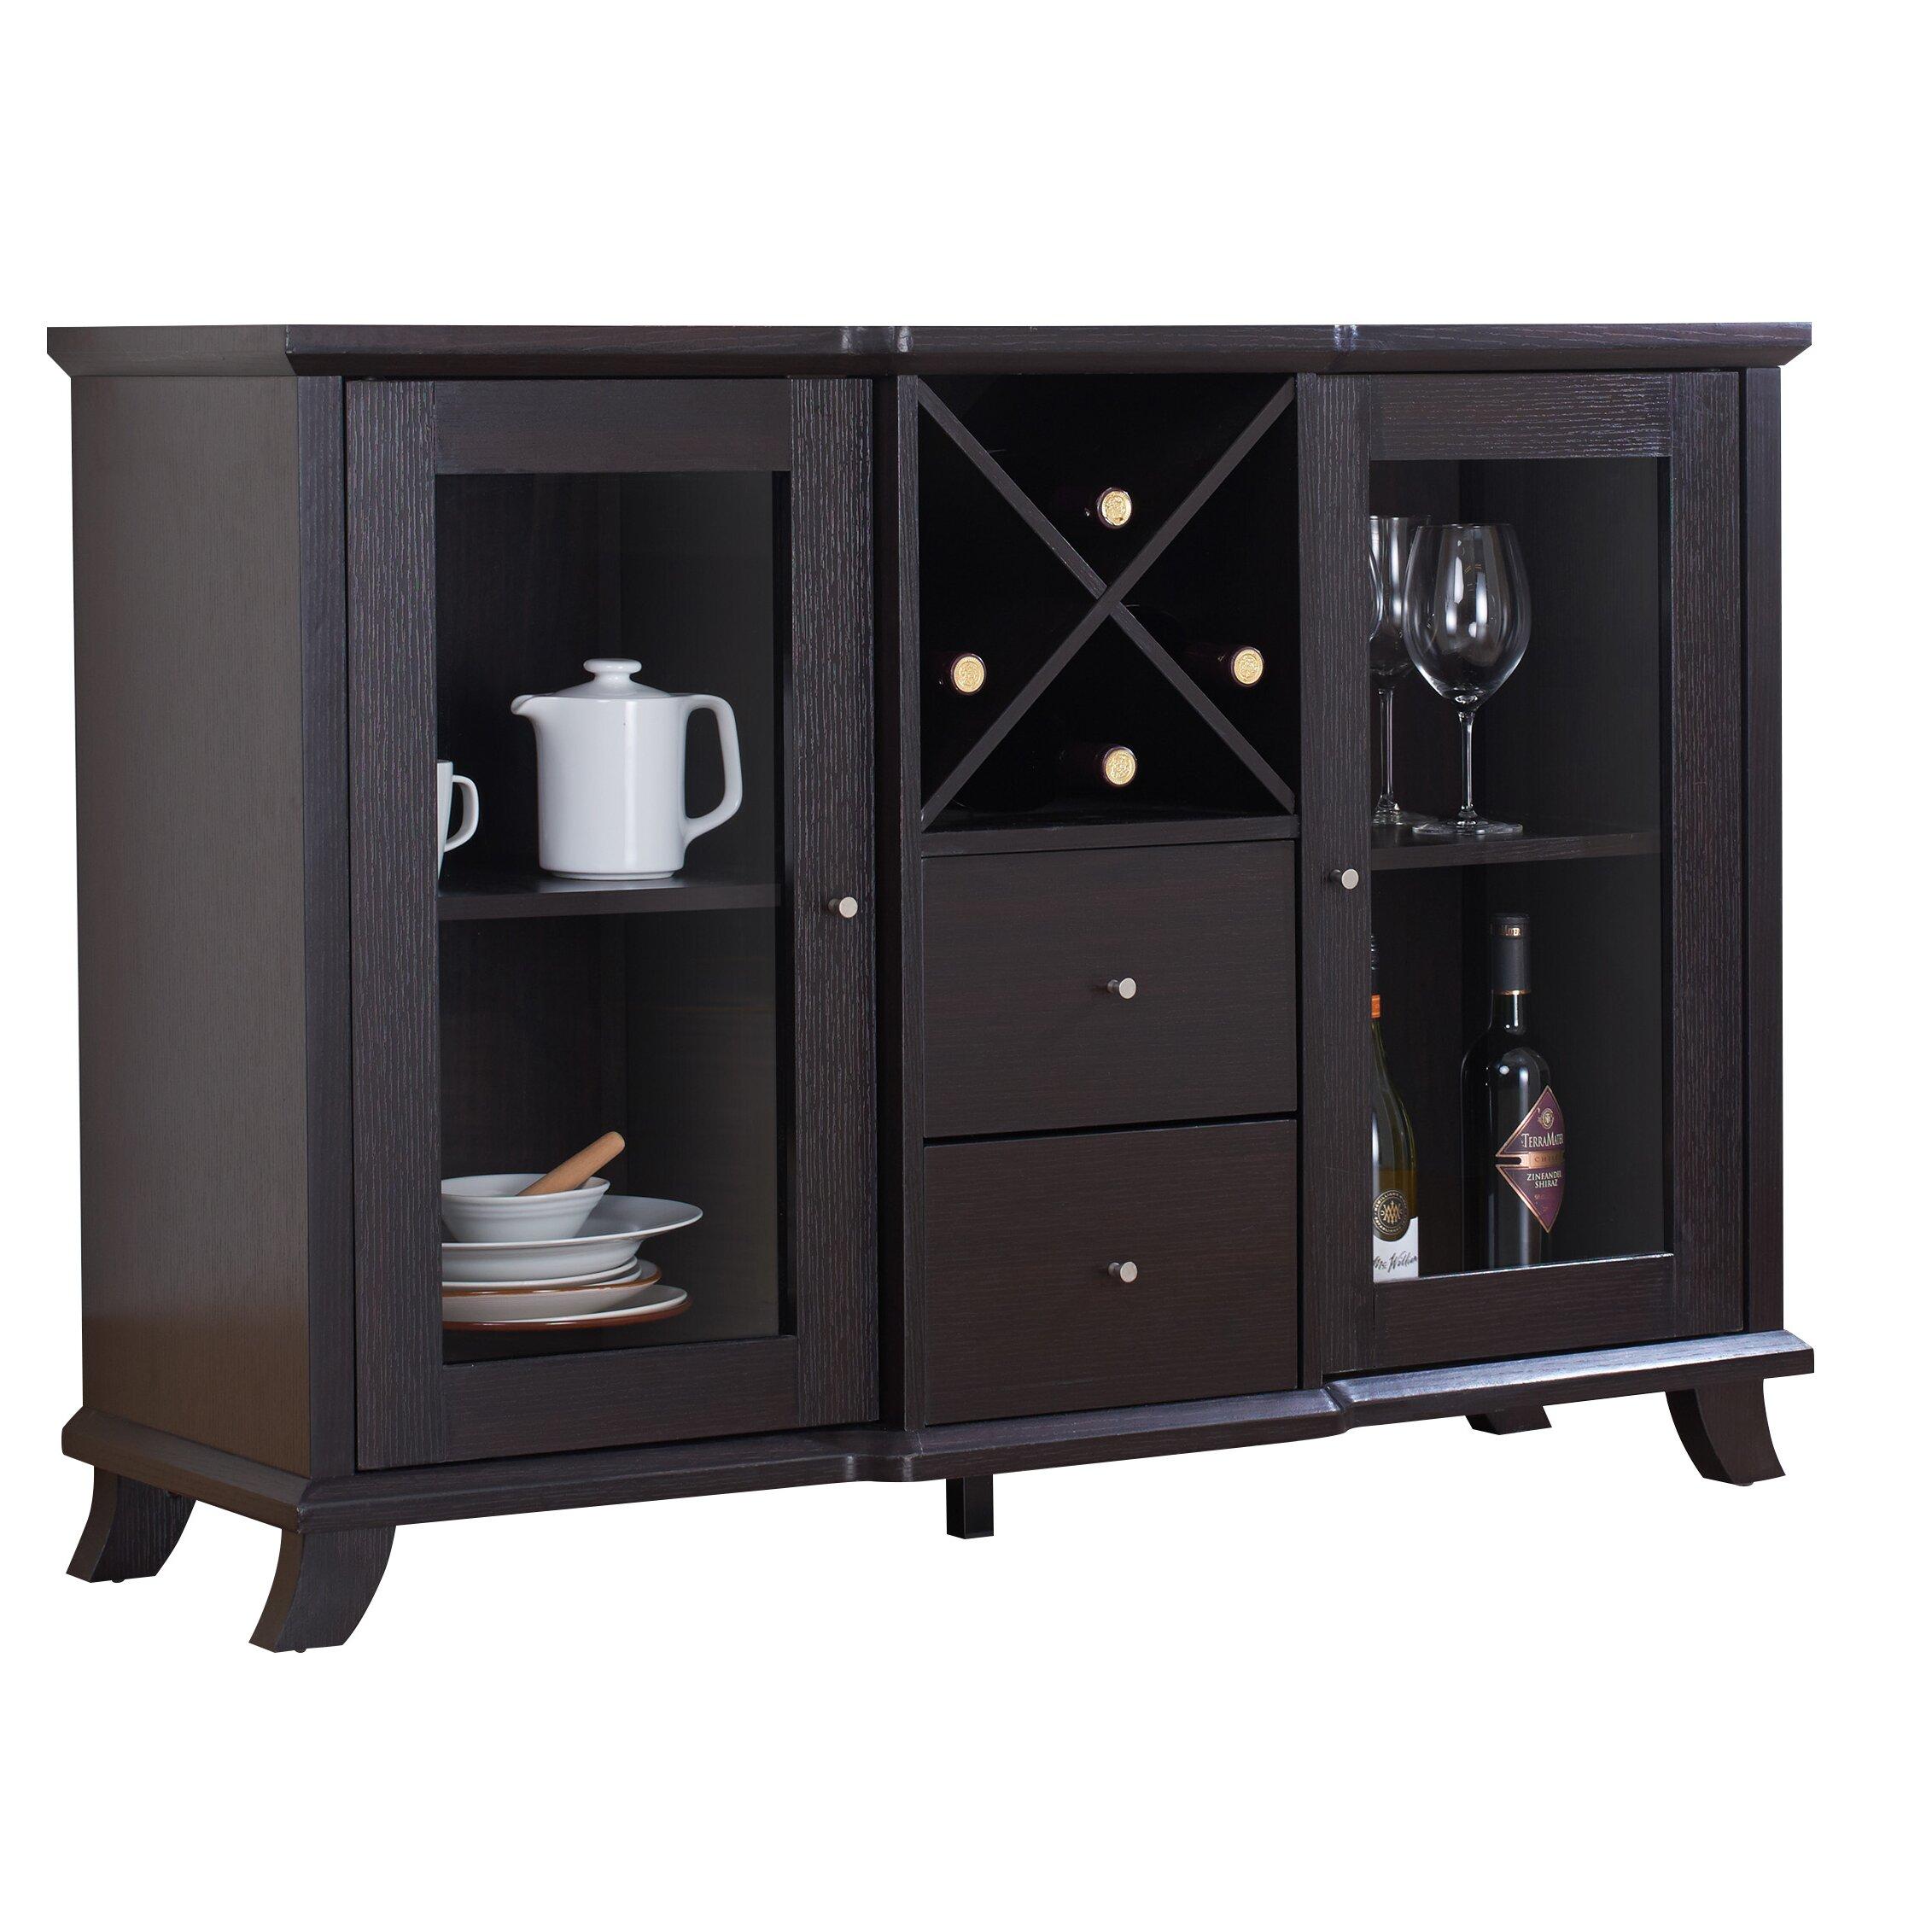 Cheap Dining Room Buffet Dining Room Buffet Cabinet: Hokku Designs Venetta Dining Buffet Cabinet & Reviews